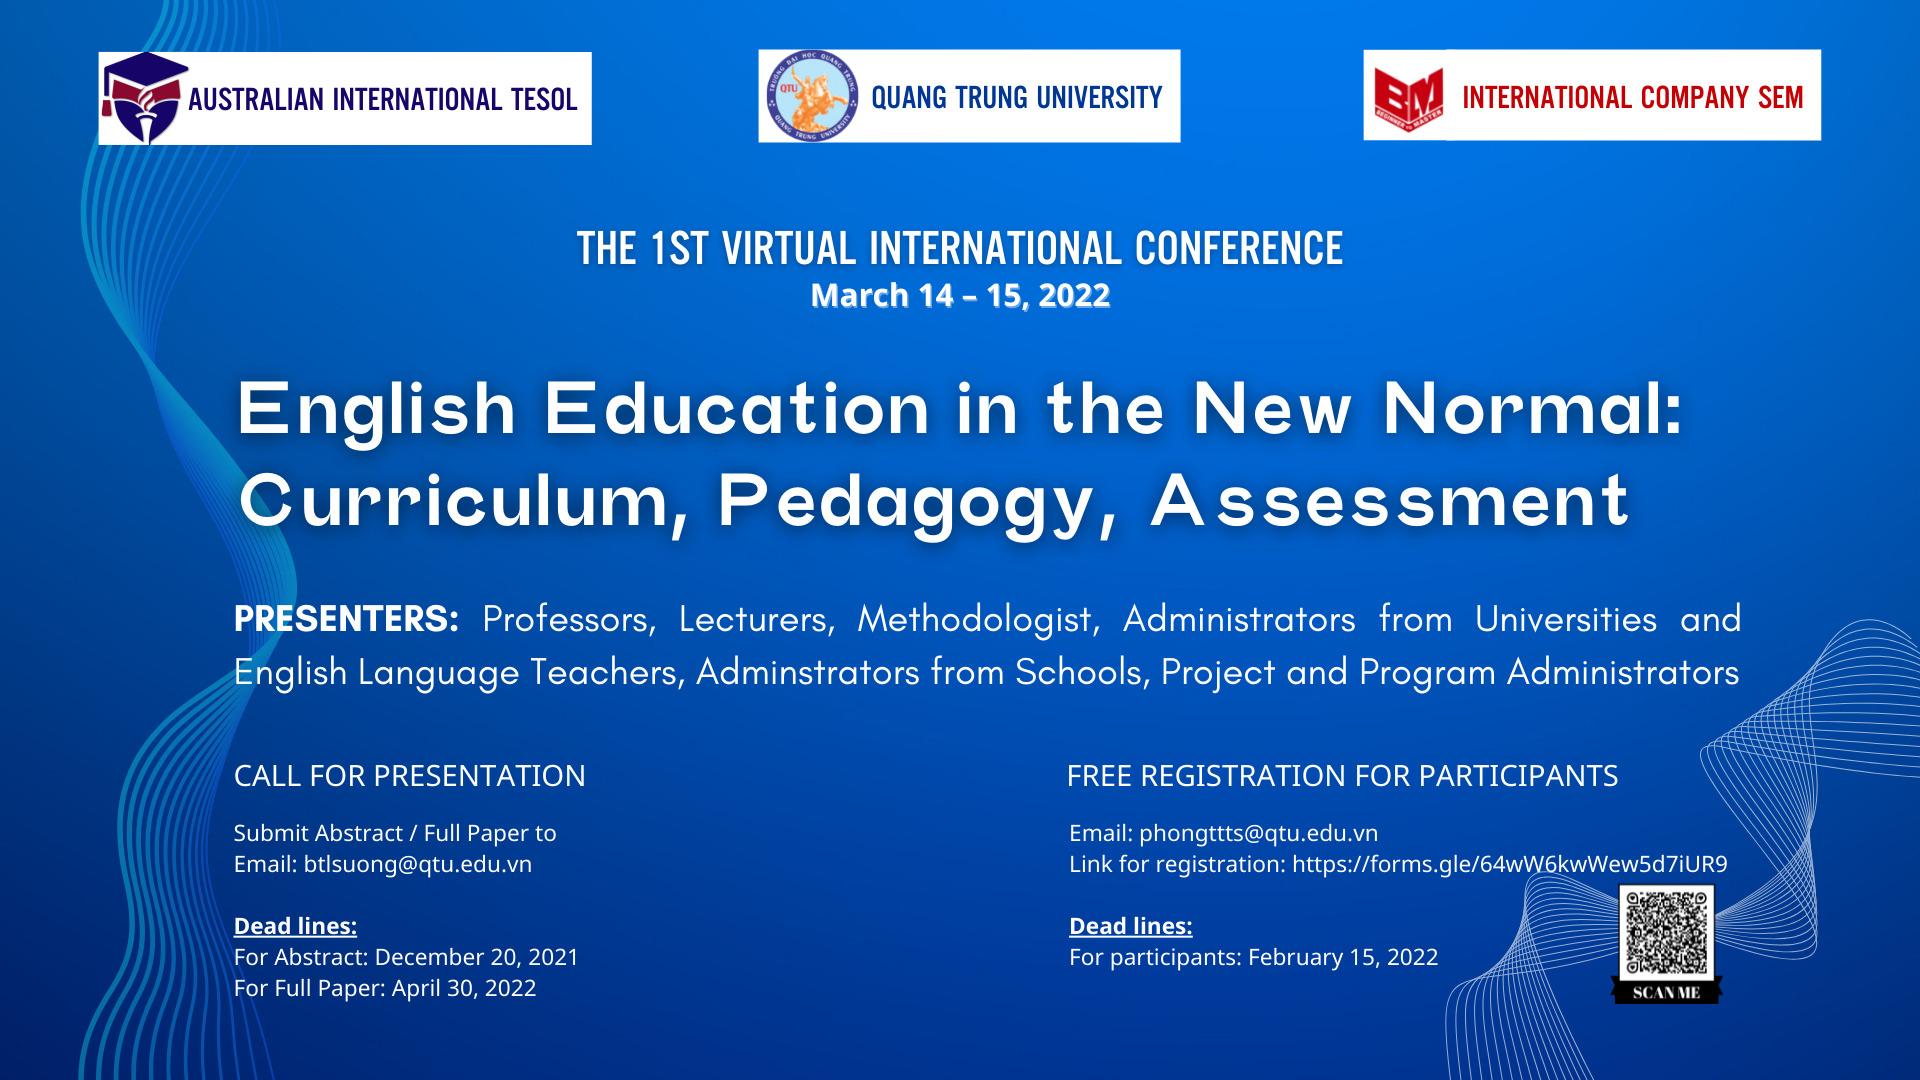 """Hội thảo Quốc tế về Giảng dạy tiếng Anh với chủ đề """"Giảng dạy tiếng Anh trong thời kỳ bình thường mới: Chương trình, phương pháp giảng dạy, đánh giá"""""""